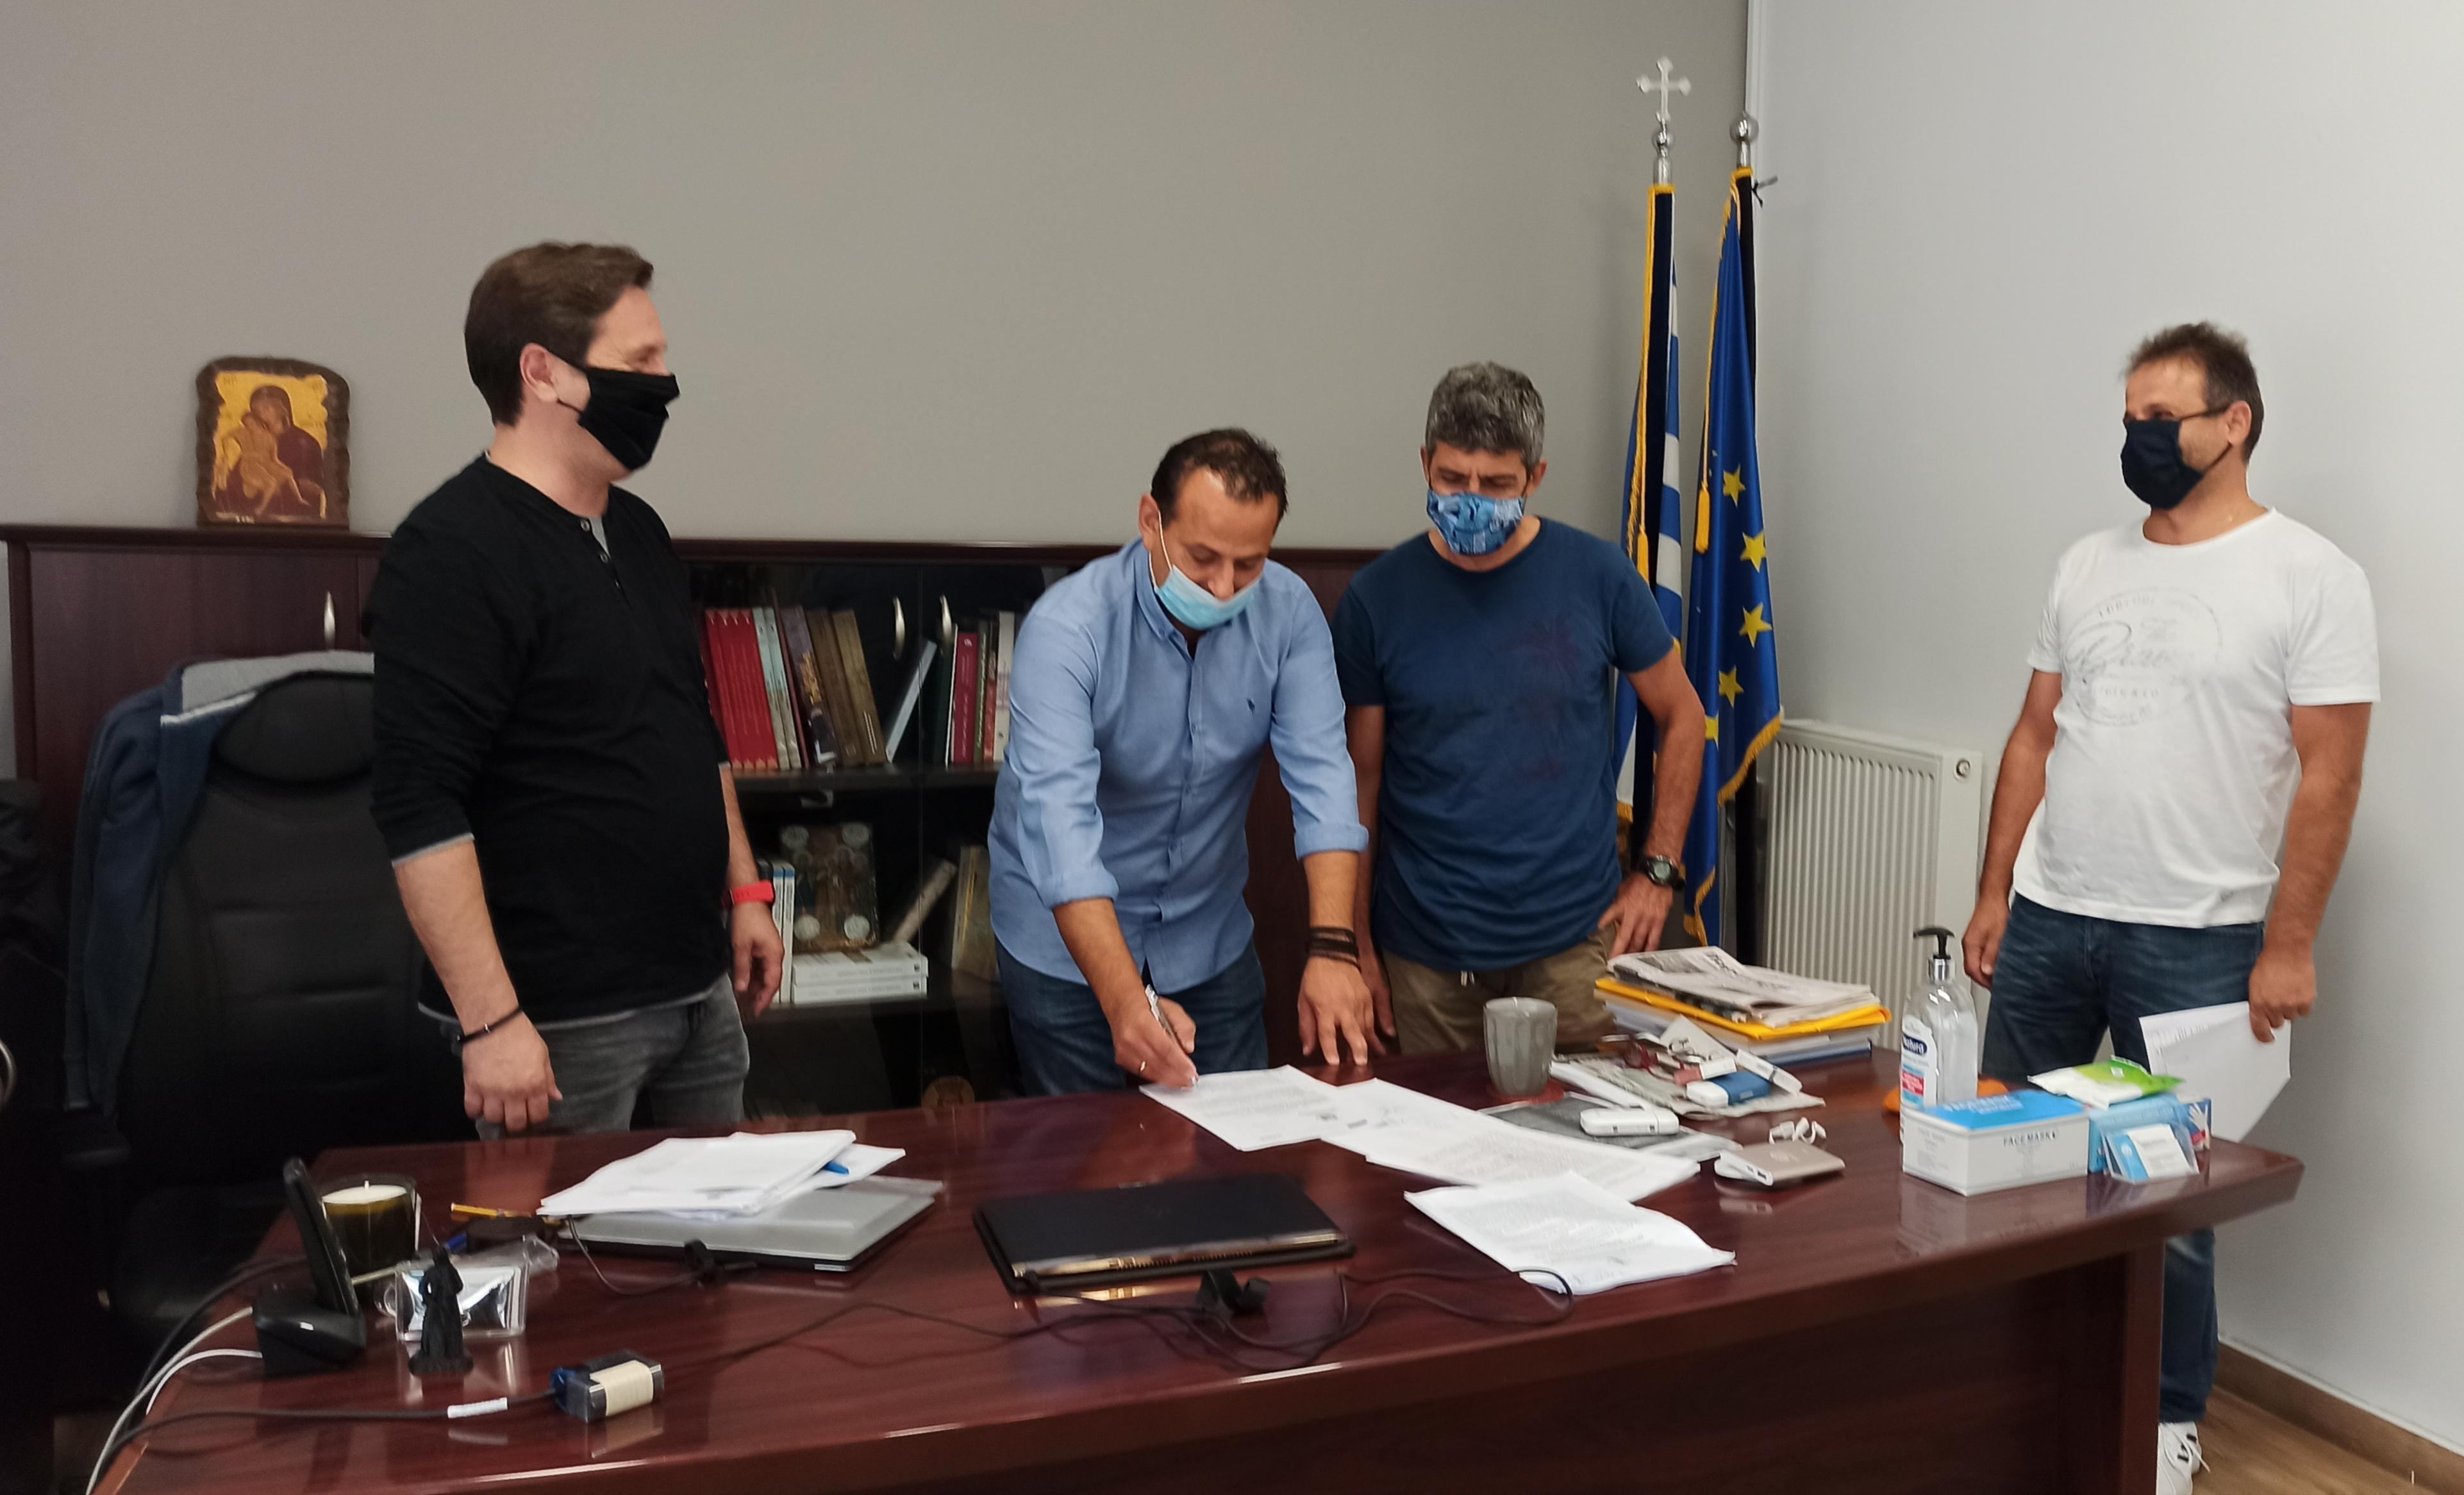 Υπεγράφη η σύμβαση έργου για τις εργασίες ενεργειακής αναβάθμισης του Γυμνασίου Ειρηνούπολης